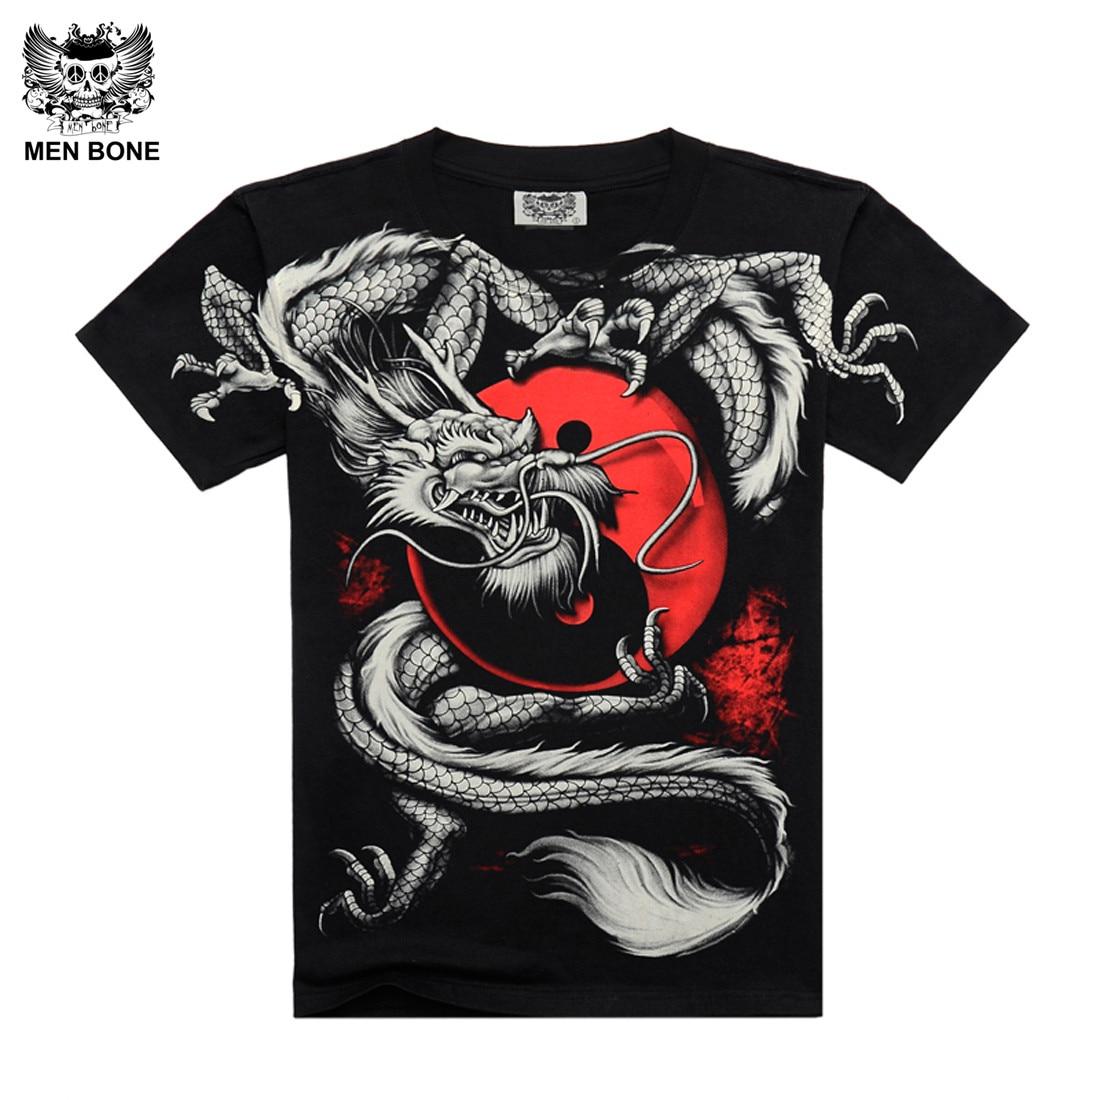 [Для мужчин bone] Китай Тай Чи футболка Дракон рок Хлопковая мужская футболка черный короткий рукав черный принт стиля хэви-метал